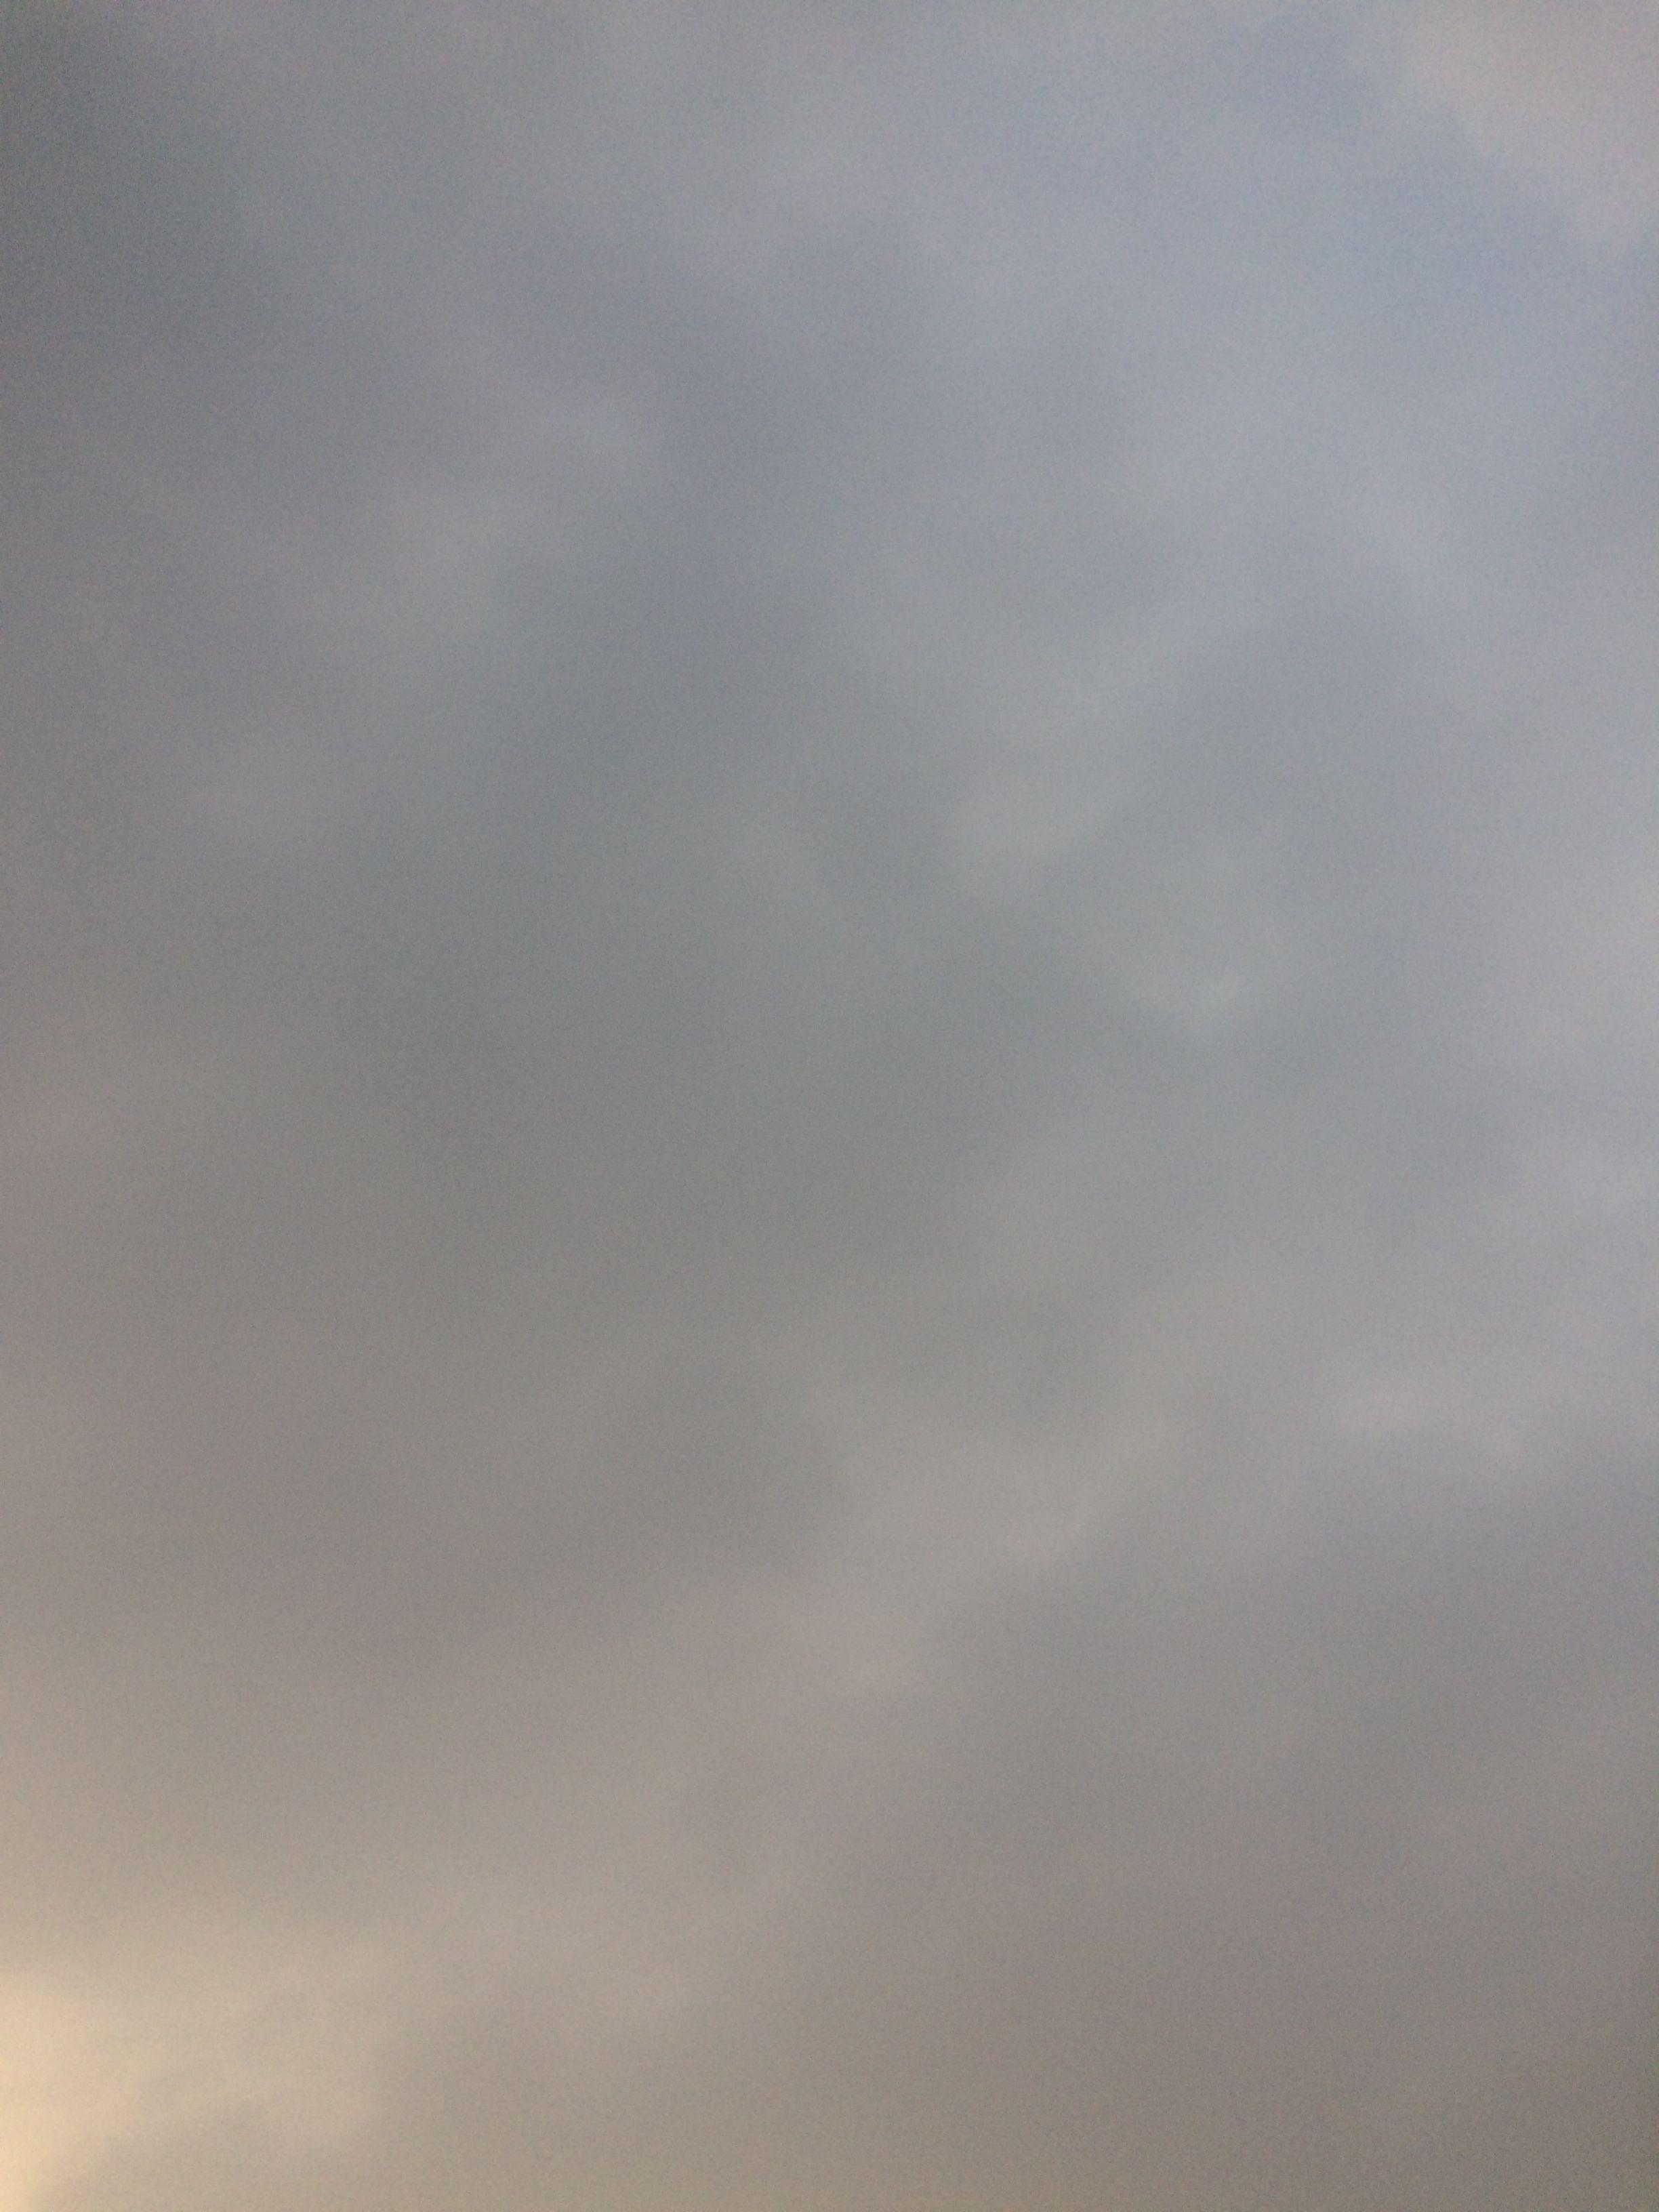 2017년 3월 5일의 하늘 #sky #cloud